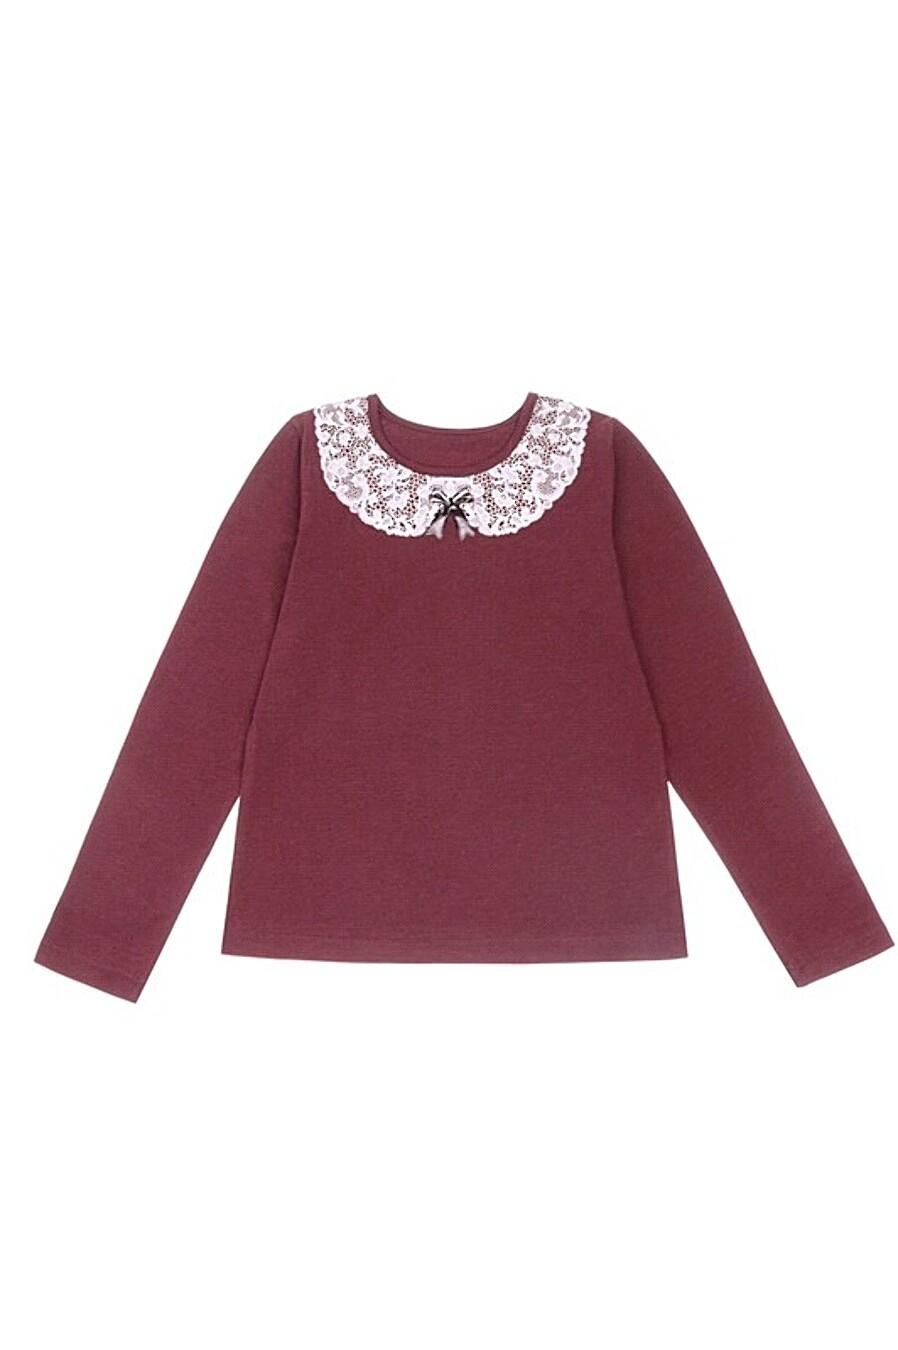 Лонгслив для девочек АПРЕЛЬ 219239 купить оптом от производителя. Совместная покупка детской одежды в OptMoyo